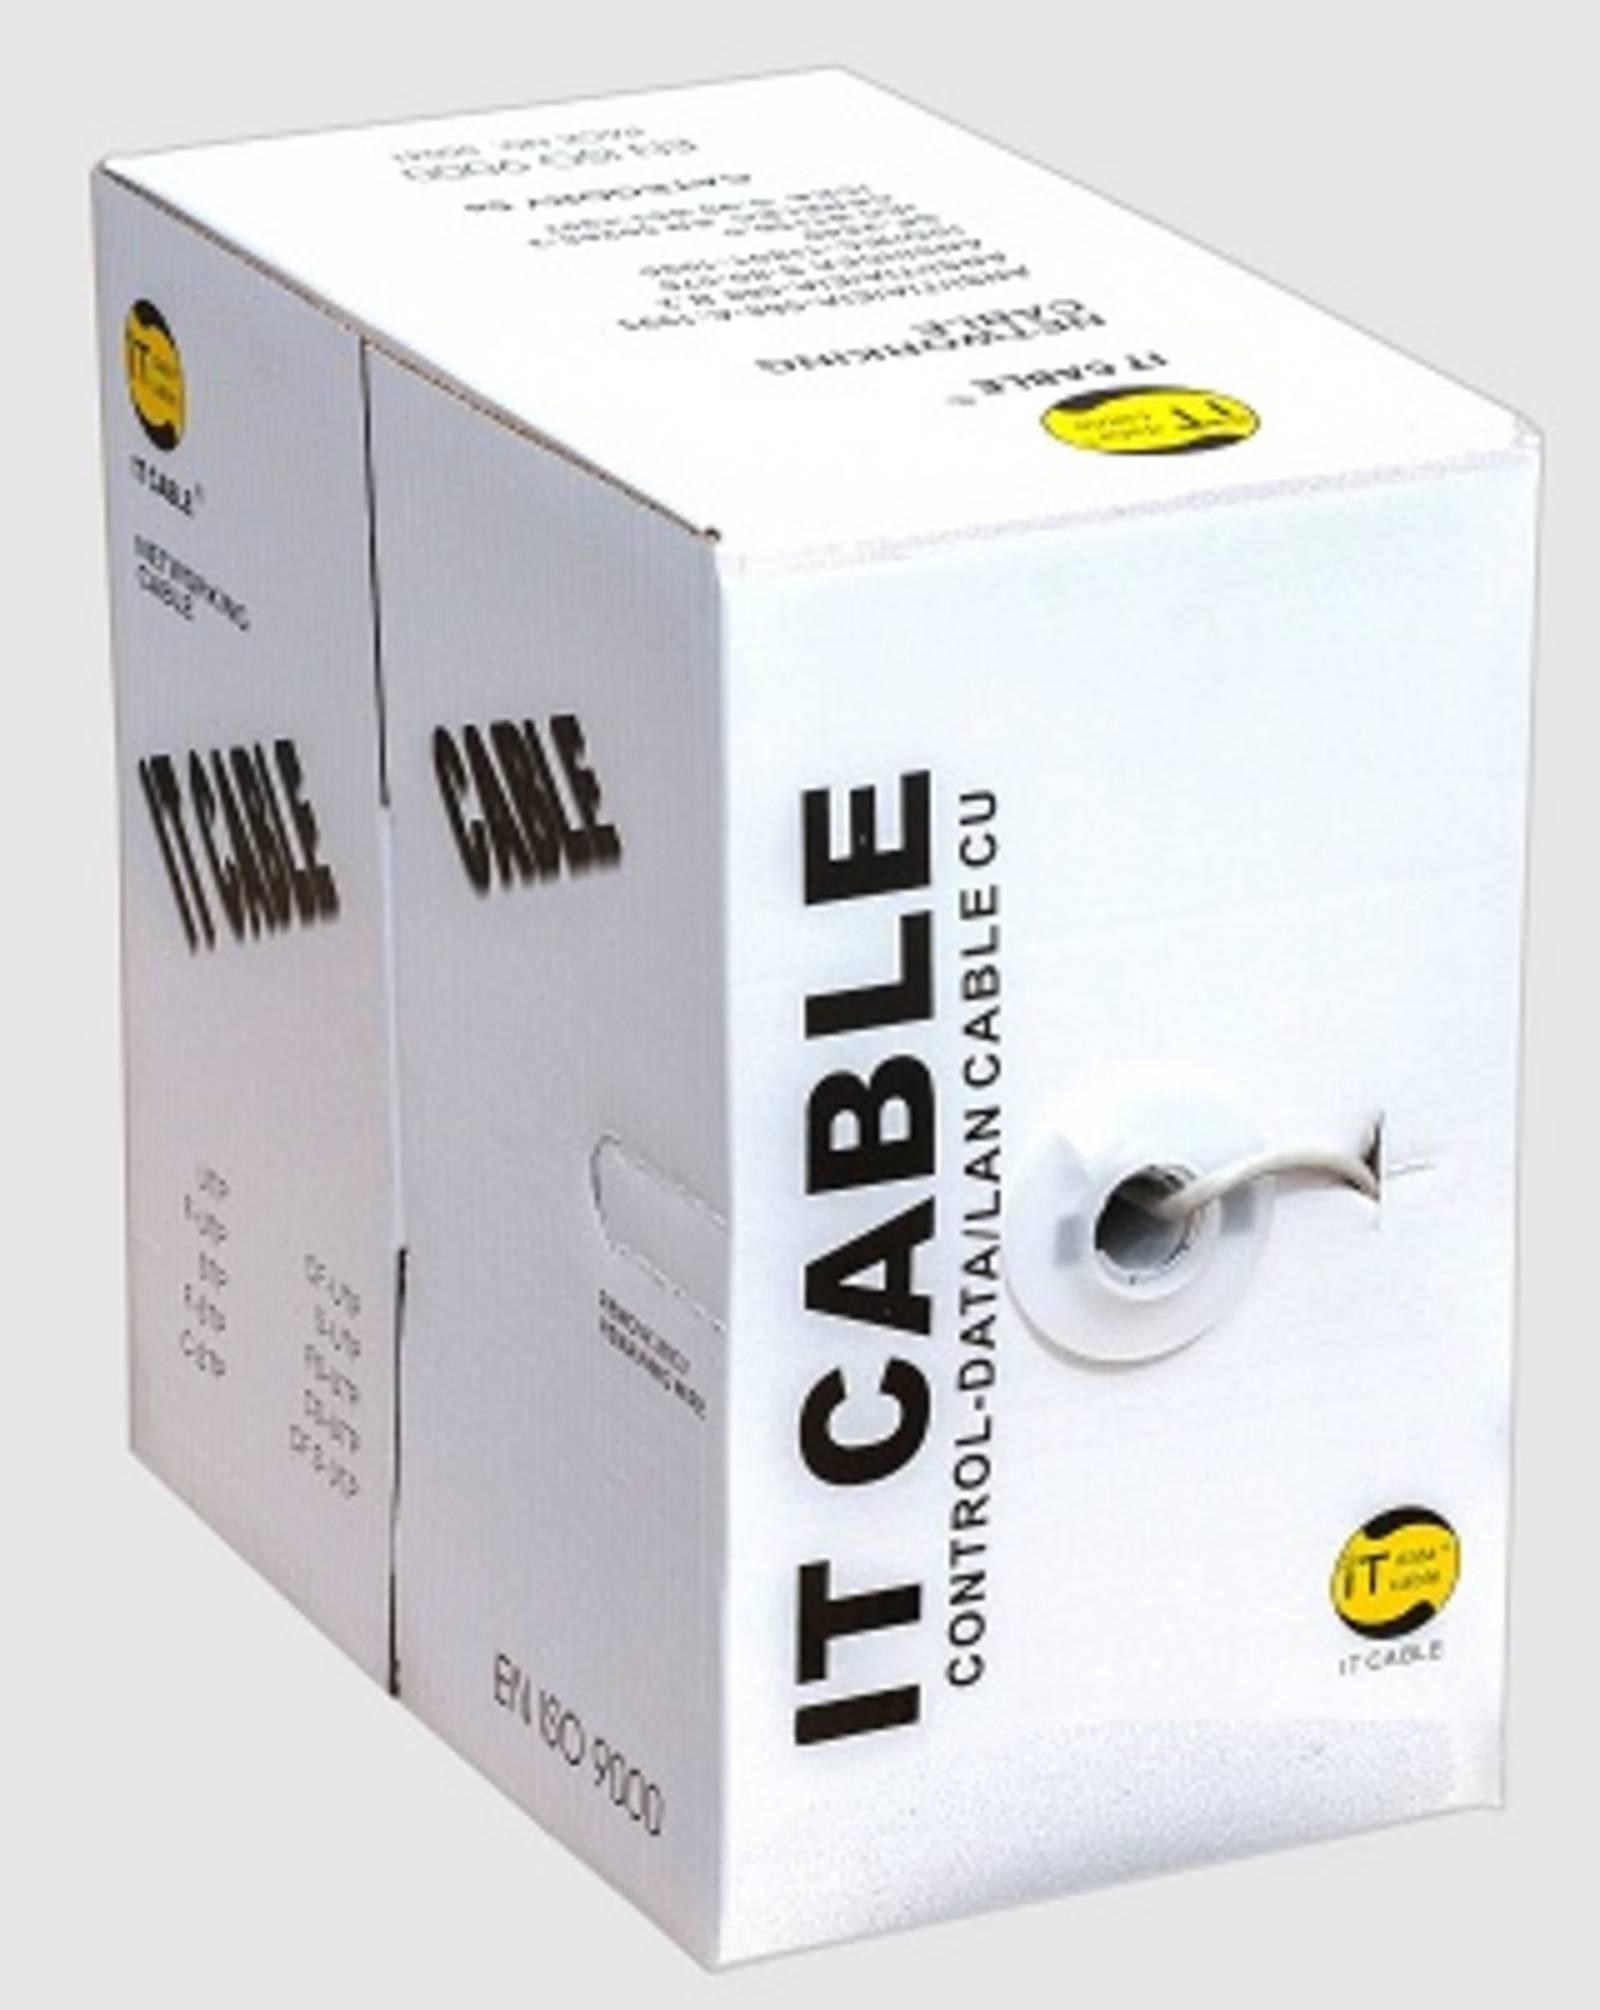 Кабель Витая пара UTP 4x2x0,5 IT Cable (305 м) внутр. ССА, CAT 5e